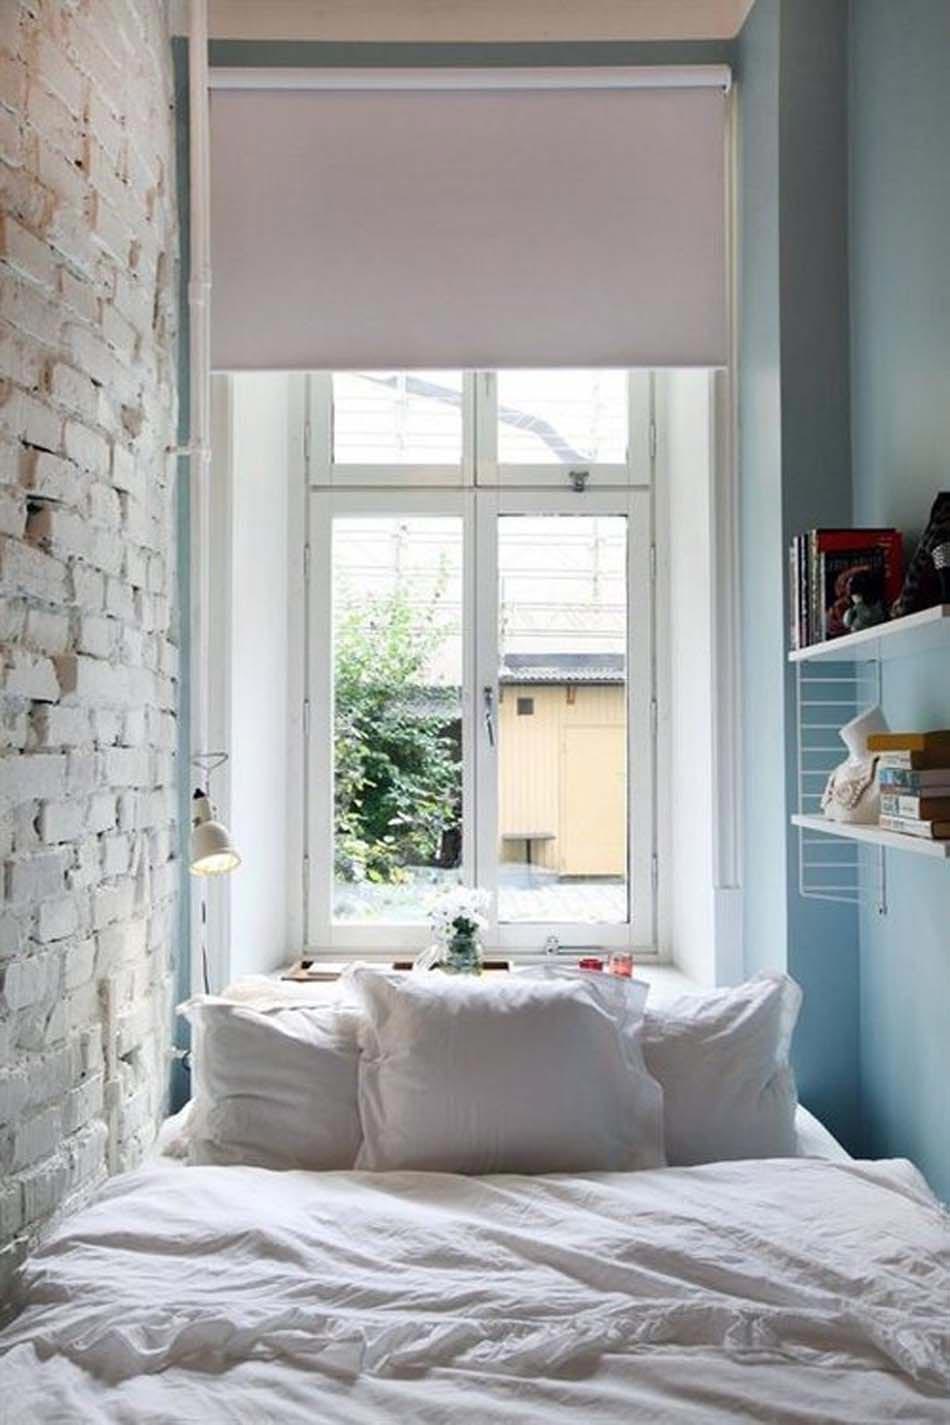 id es originales pour cr er une table de chevet pas cher design feria. Black Bedroom Furniture Sets. Home Design Ideas